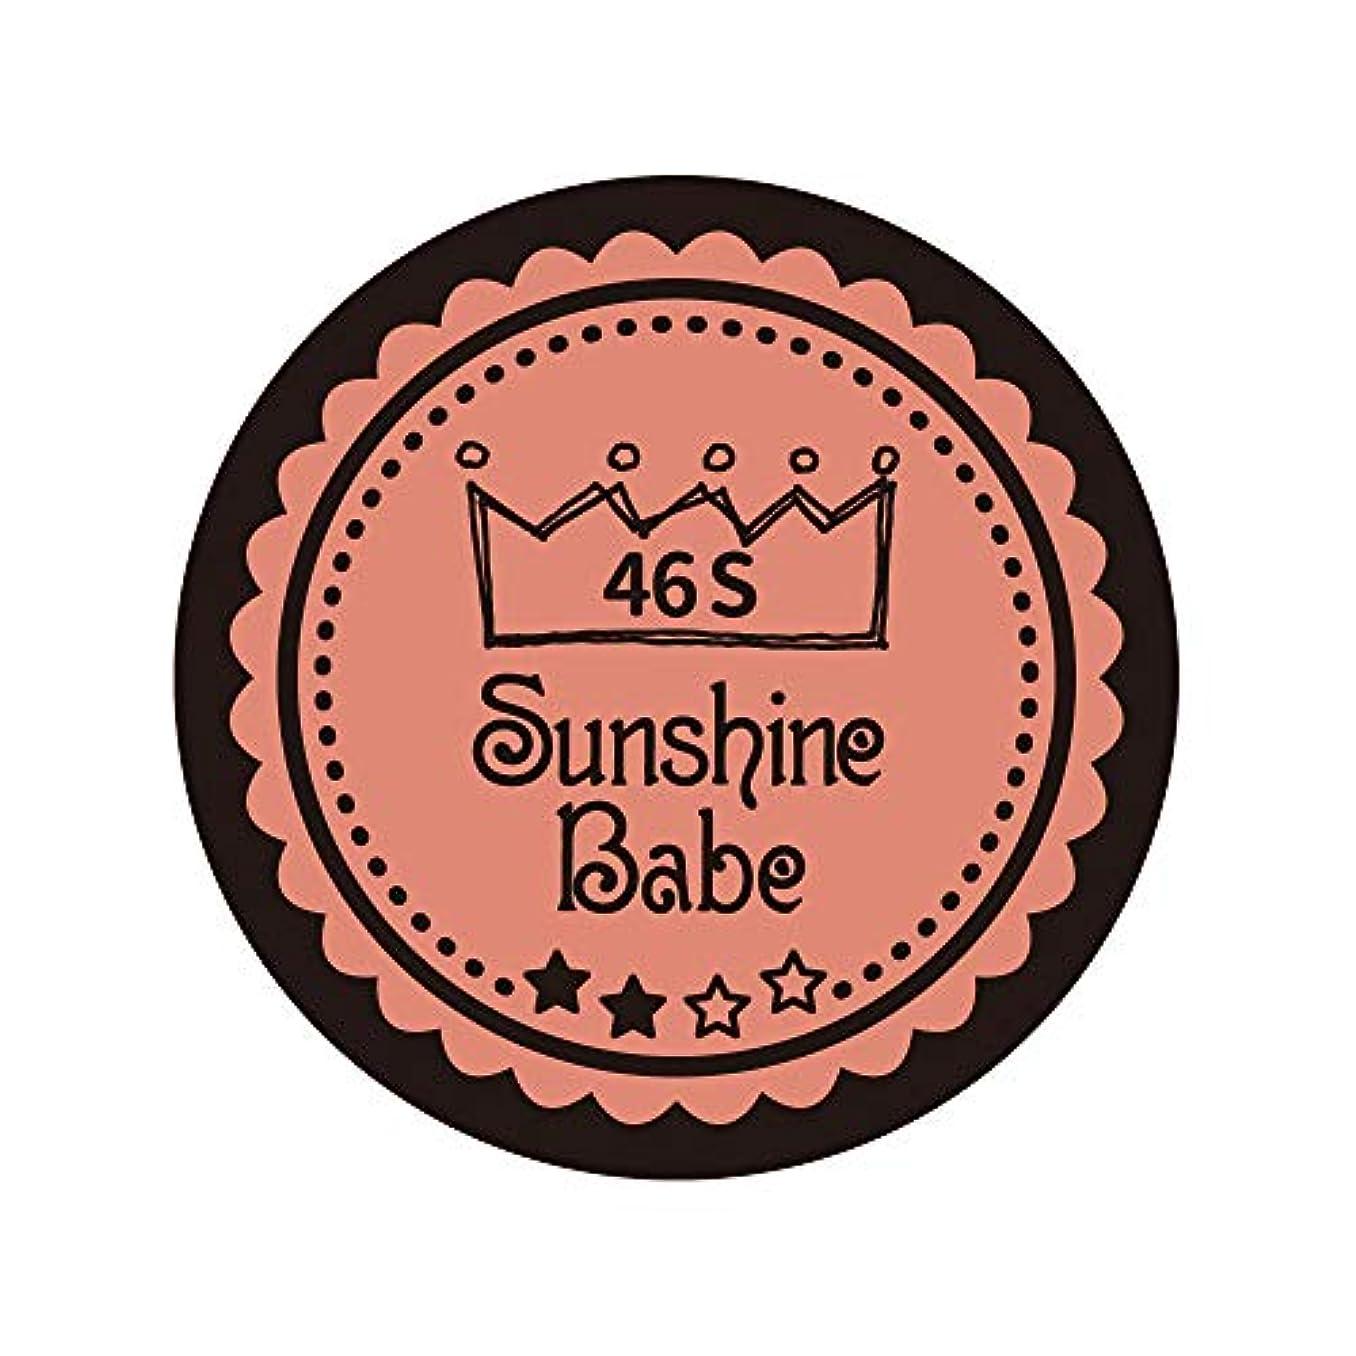 禁止する系譜ズボンSunshine Babe カラージェル 46S ピンクベージュ 4g UV/LED対応